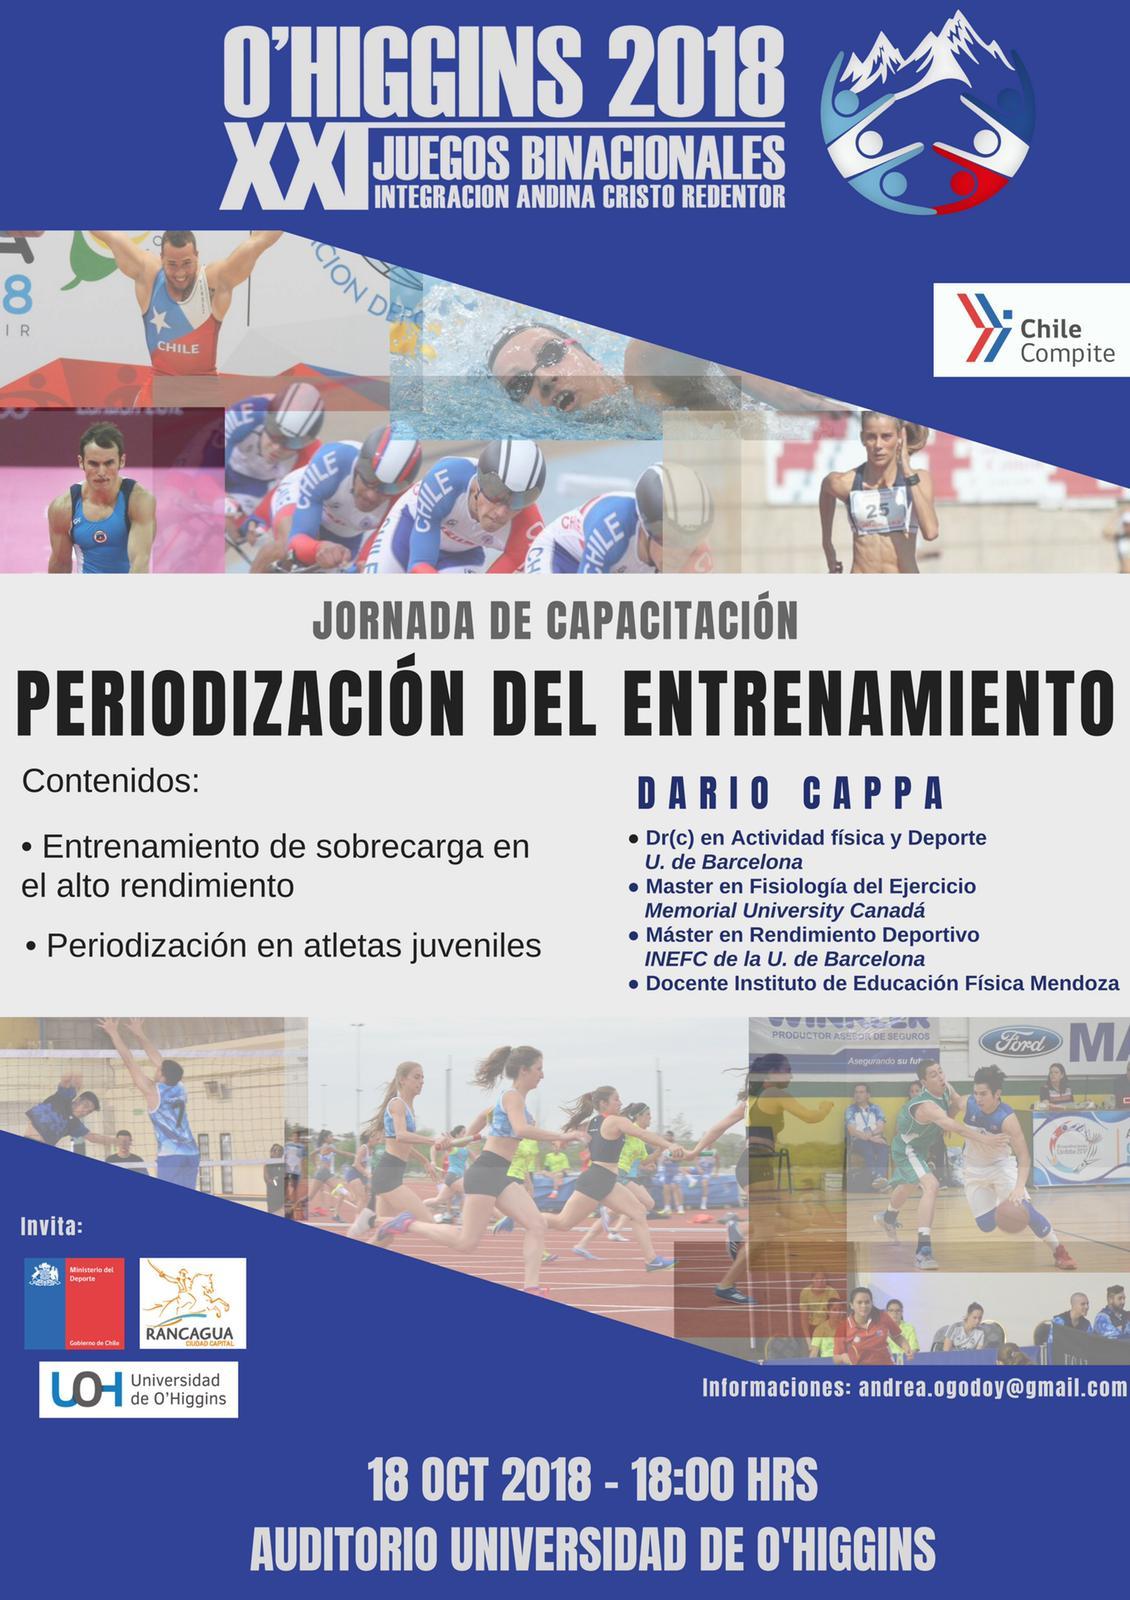 Realizarán capacitaciones sobre deporte de alto rendimiento en Rancagua y San Fernando